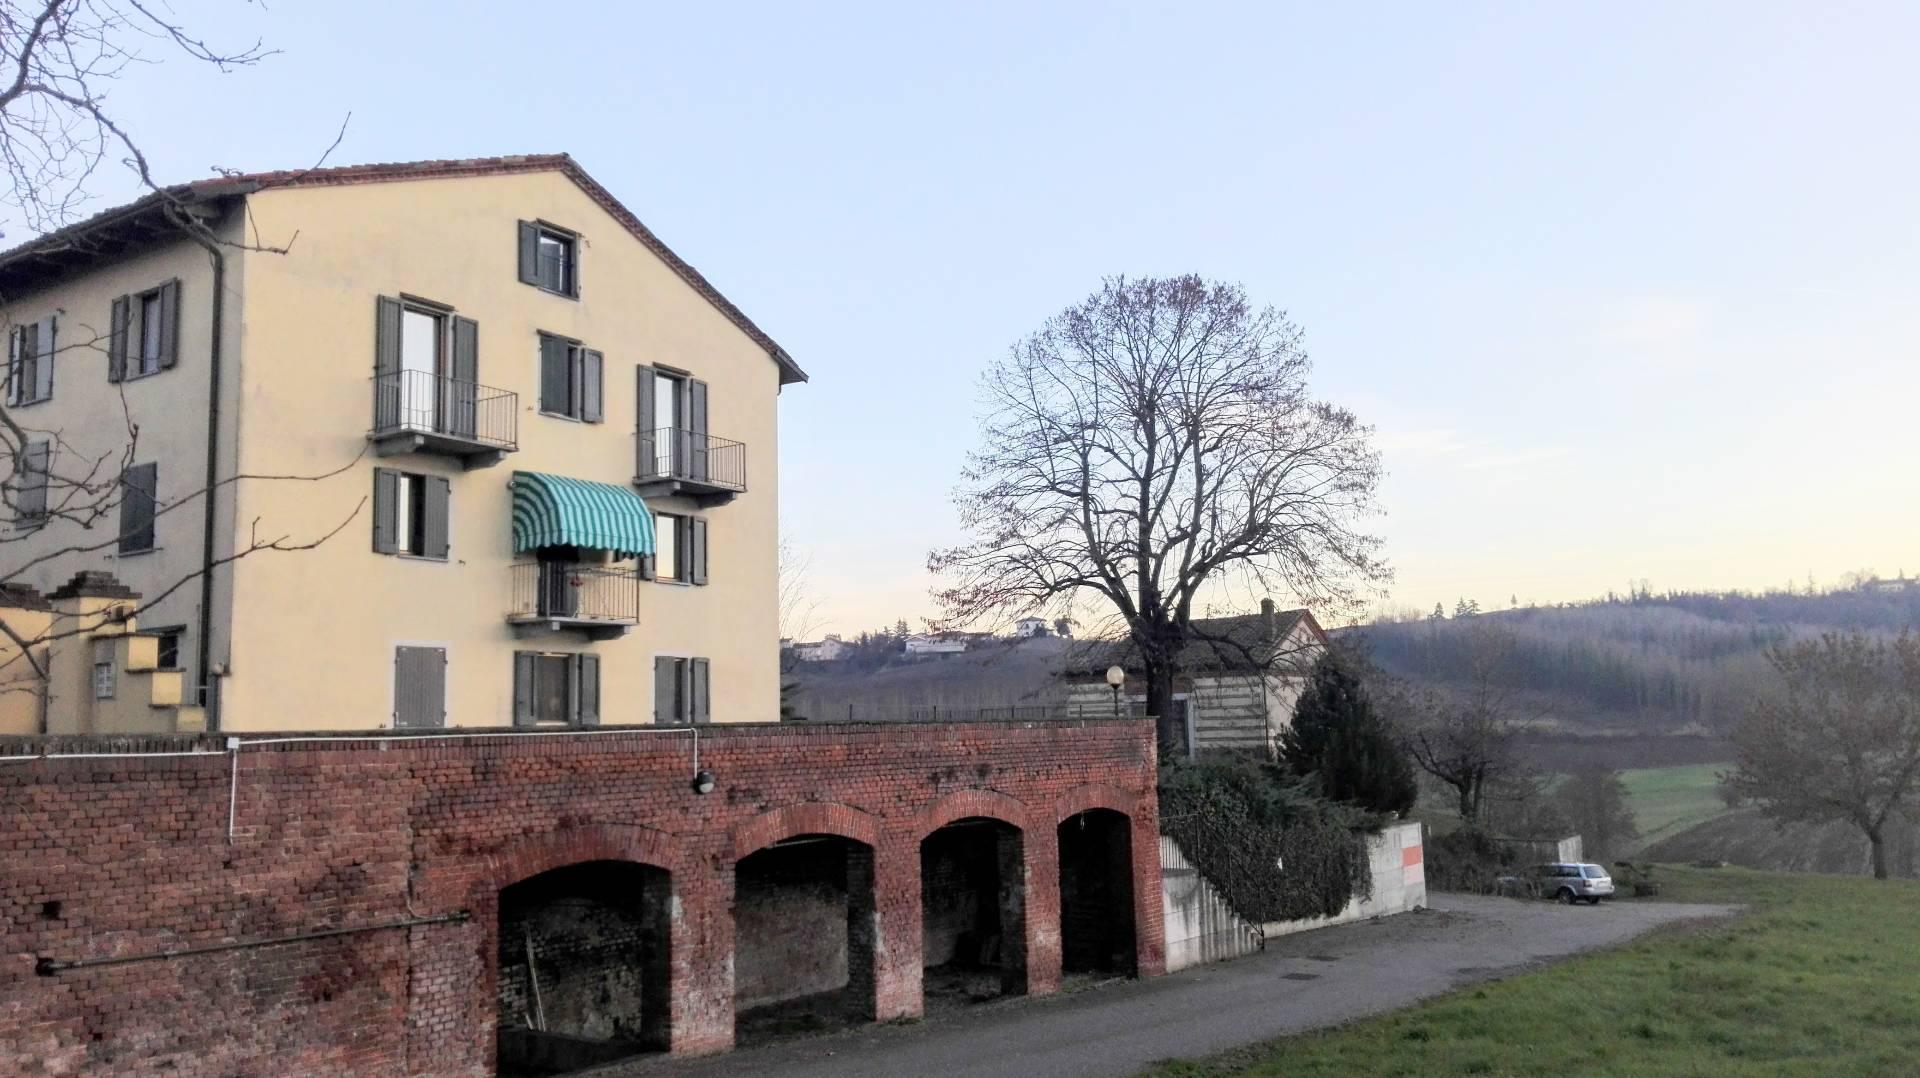 Appartamento in vendita a Rosignano Monferrato, 4 locali, prezzo € 115.000   CambioCasa.it